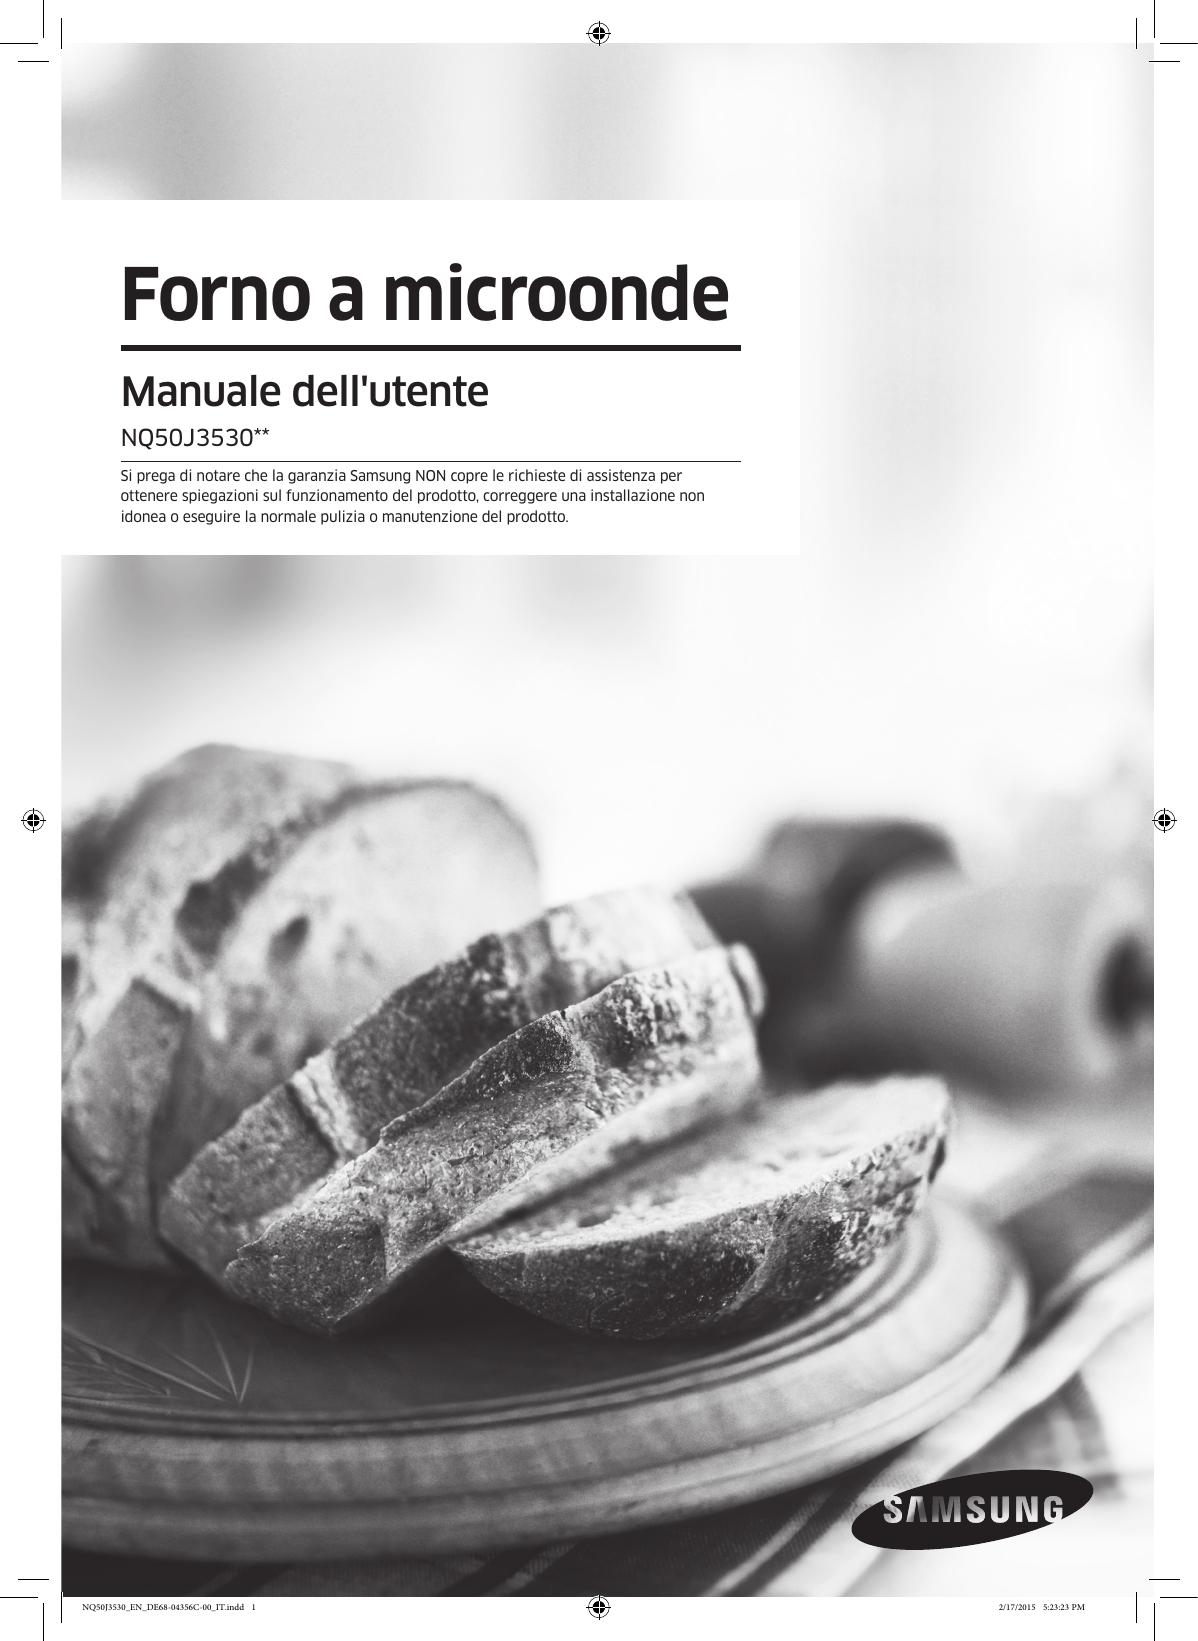 Mobiletto Per Appoggiare Microonde samsung forno multifunzione compact nq50j3530bs manuale